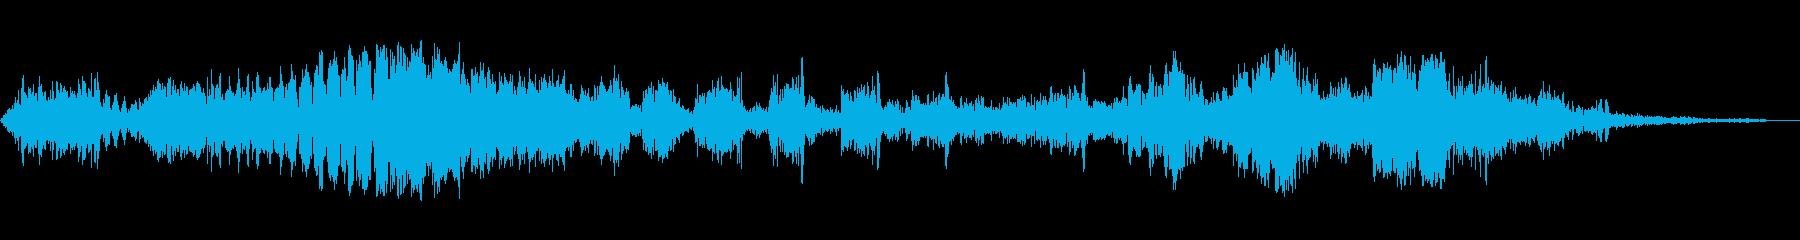 ピアス脈動スイープの再生済みの波形